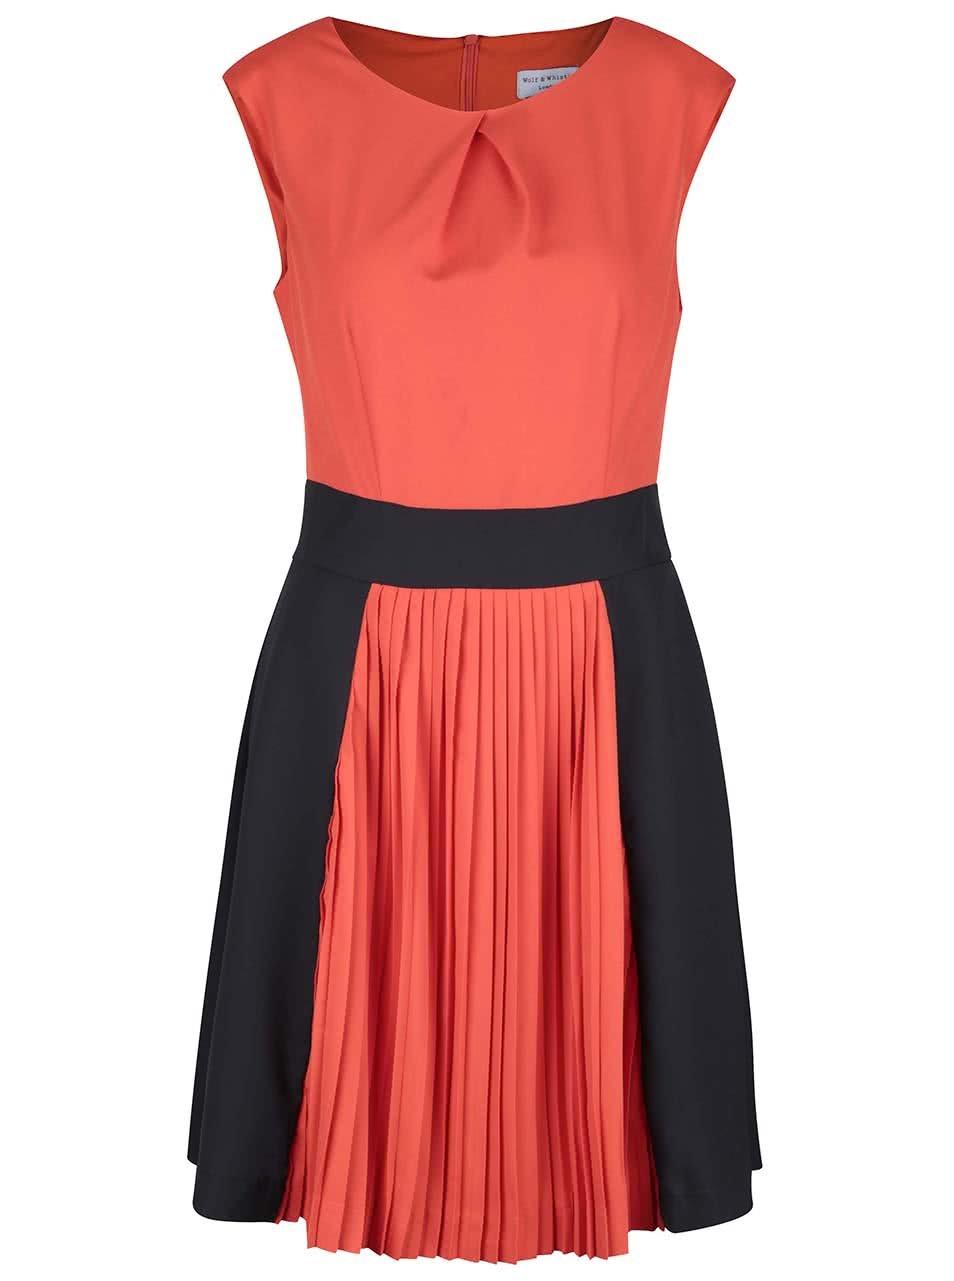 Černo-oranžové šaty s plisovanou sukní Wolf & Whistle